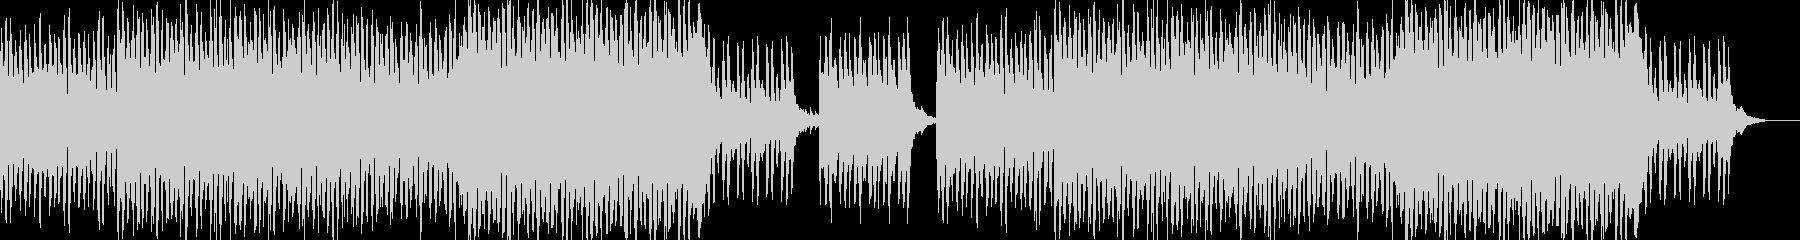 ワルツでハロウィン風のオーケストラの未再生の波形